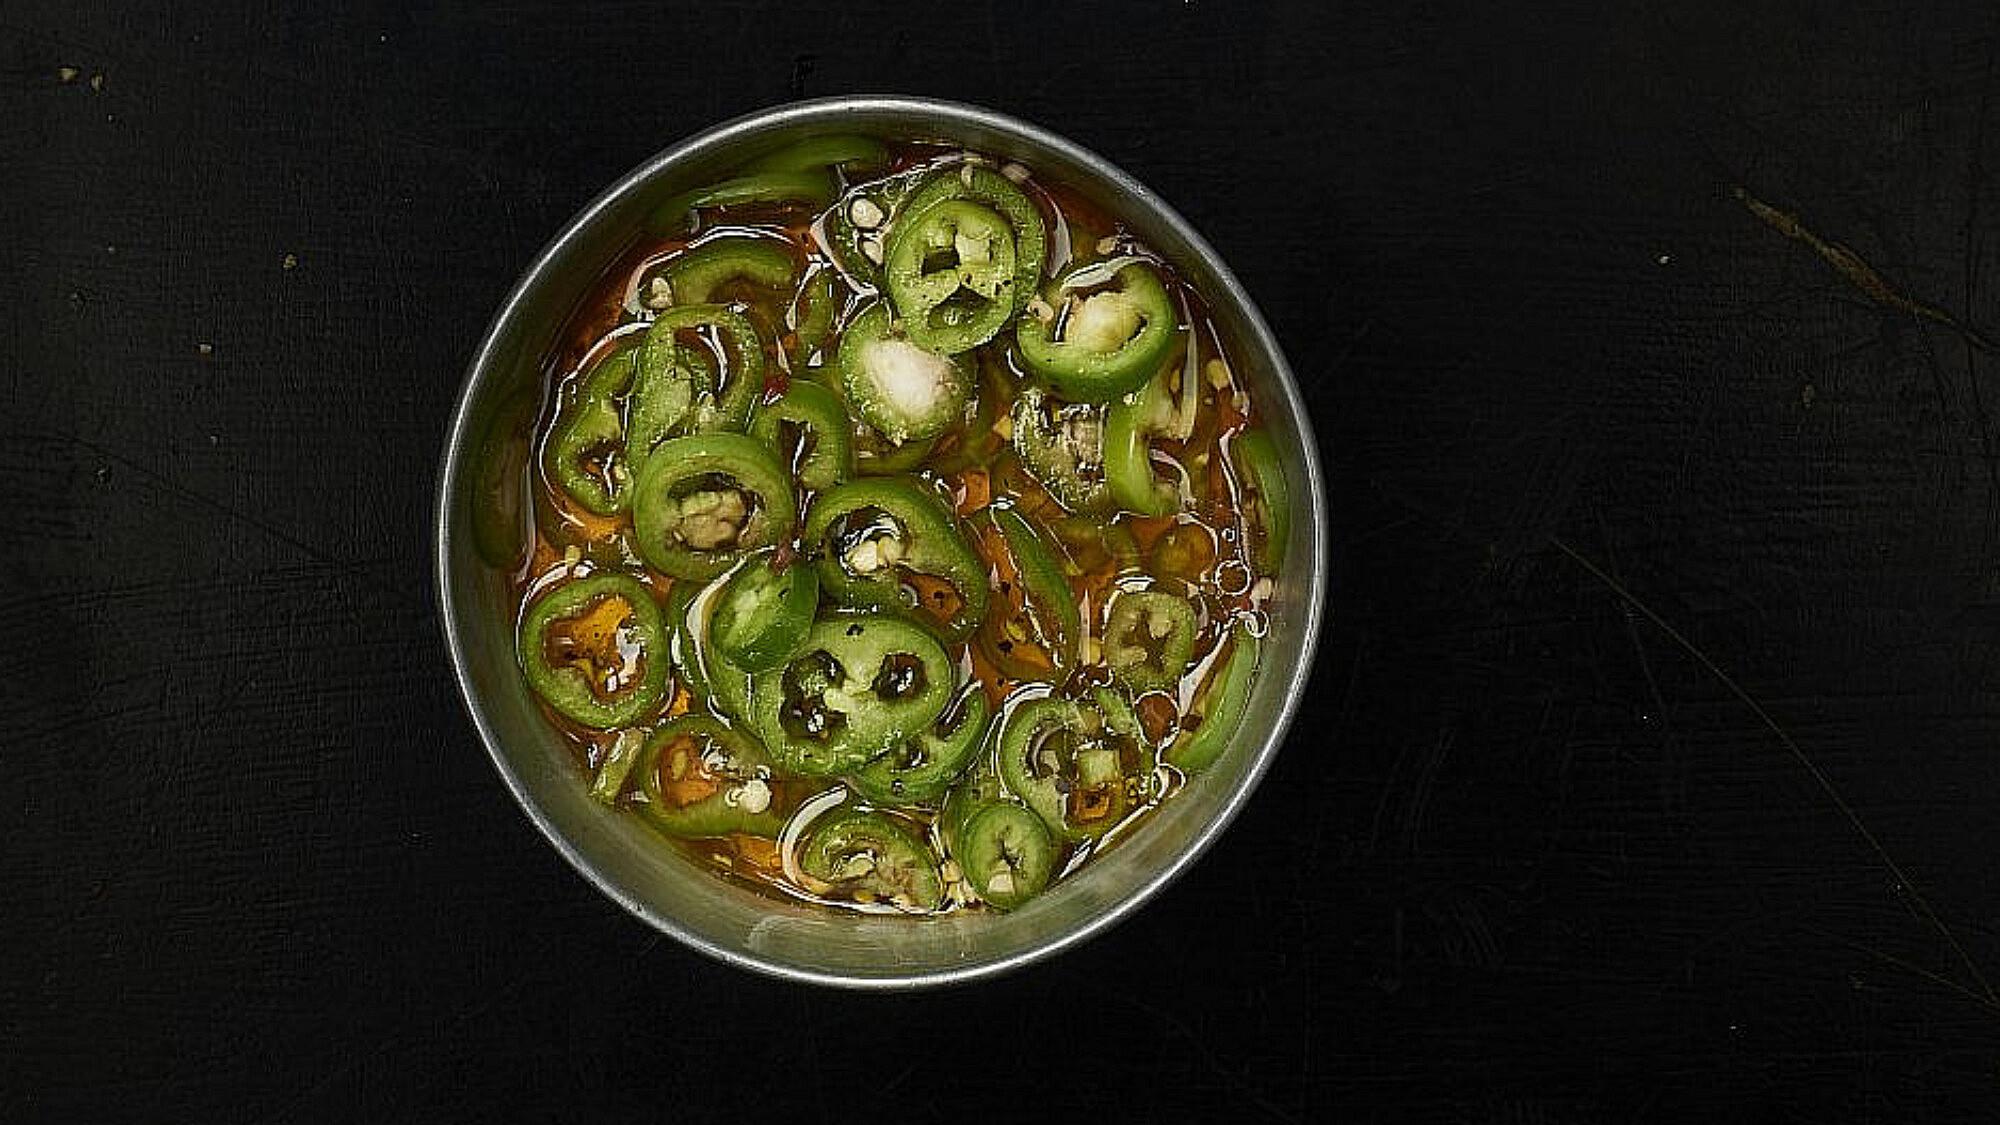 פלפלים ירוקים כבושים של שף יהונתן בורוביץ'. צילום: דור קדמי